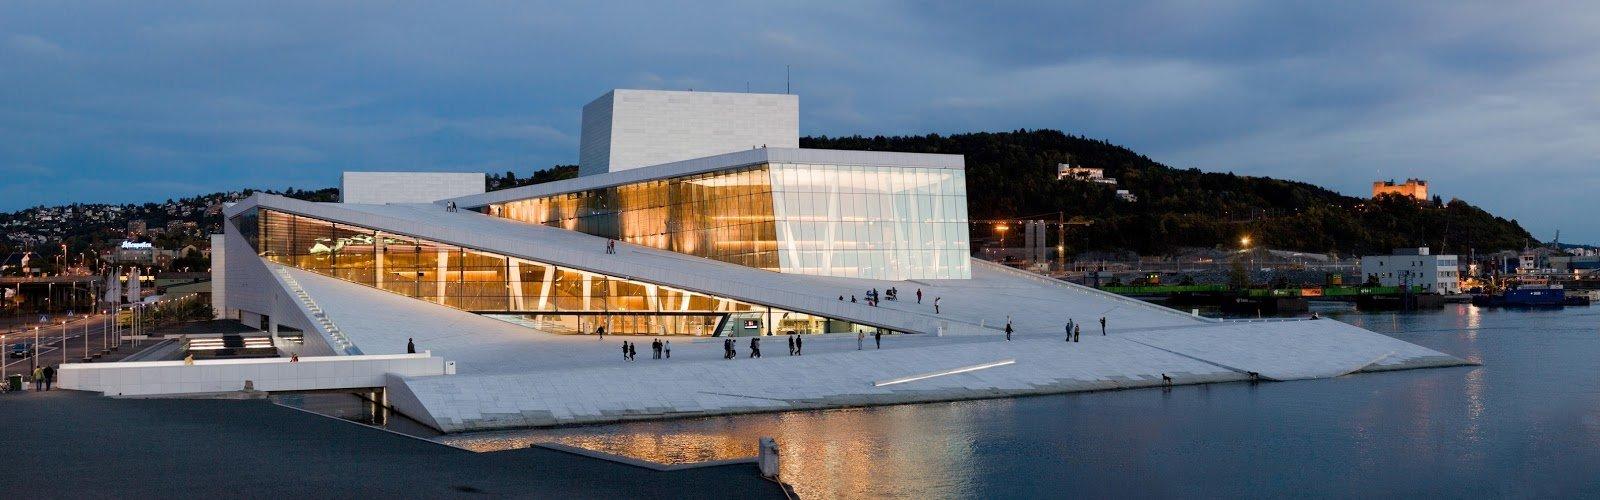 Oslo le 10 cose pi importanti da fare e vedere a oslo - Le cose piu sporche da fare a letto ...